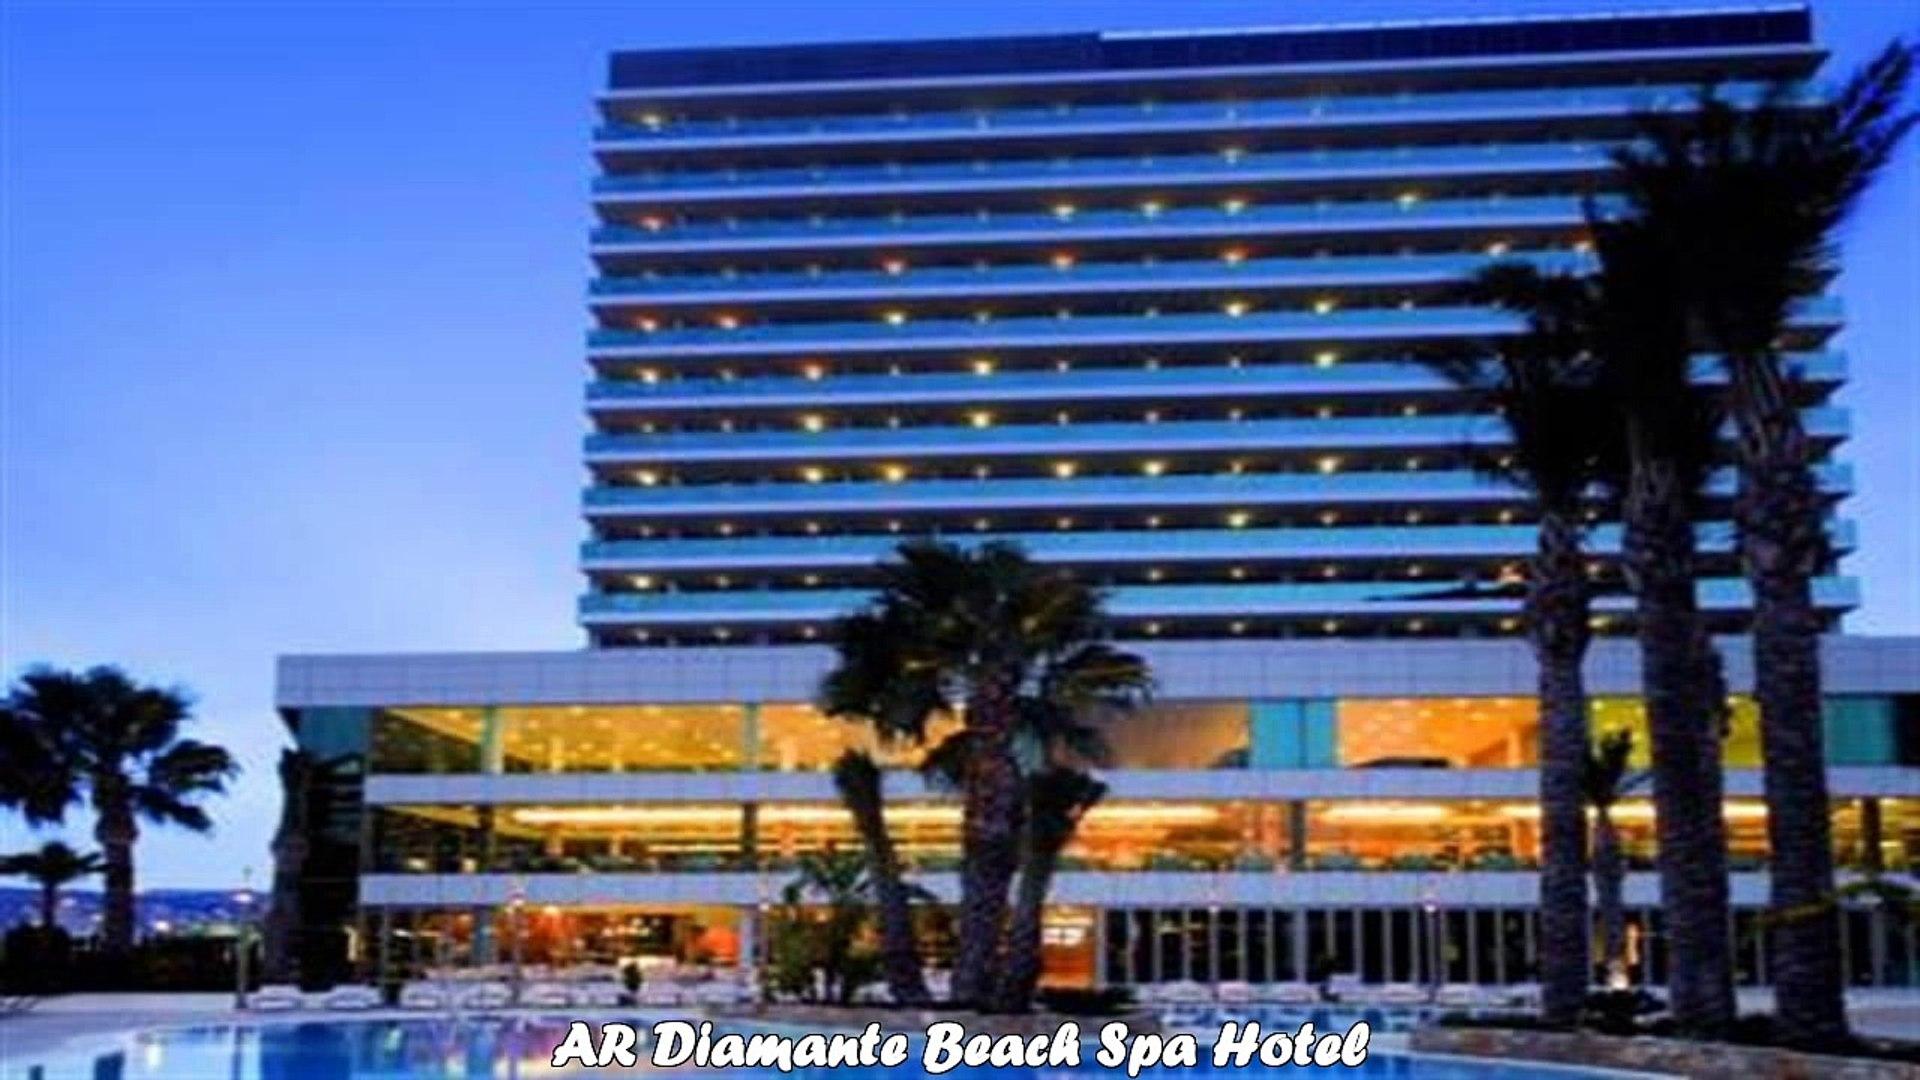 Hotels In Calpe Ar Diamante Beach Spa Hotel Spain